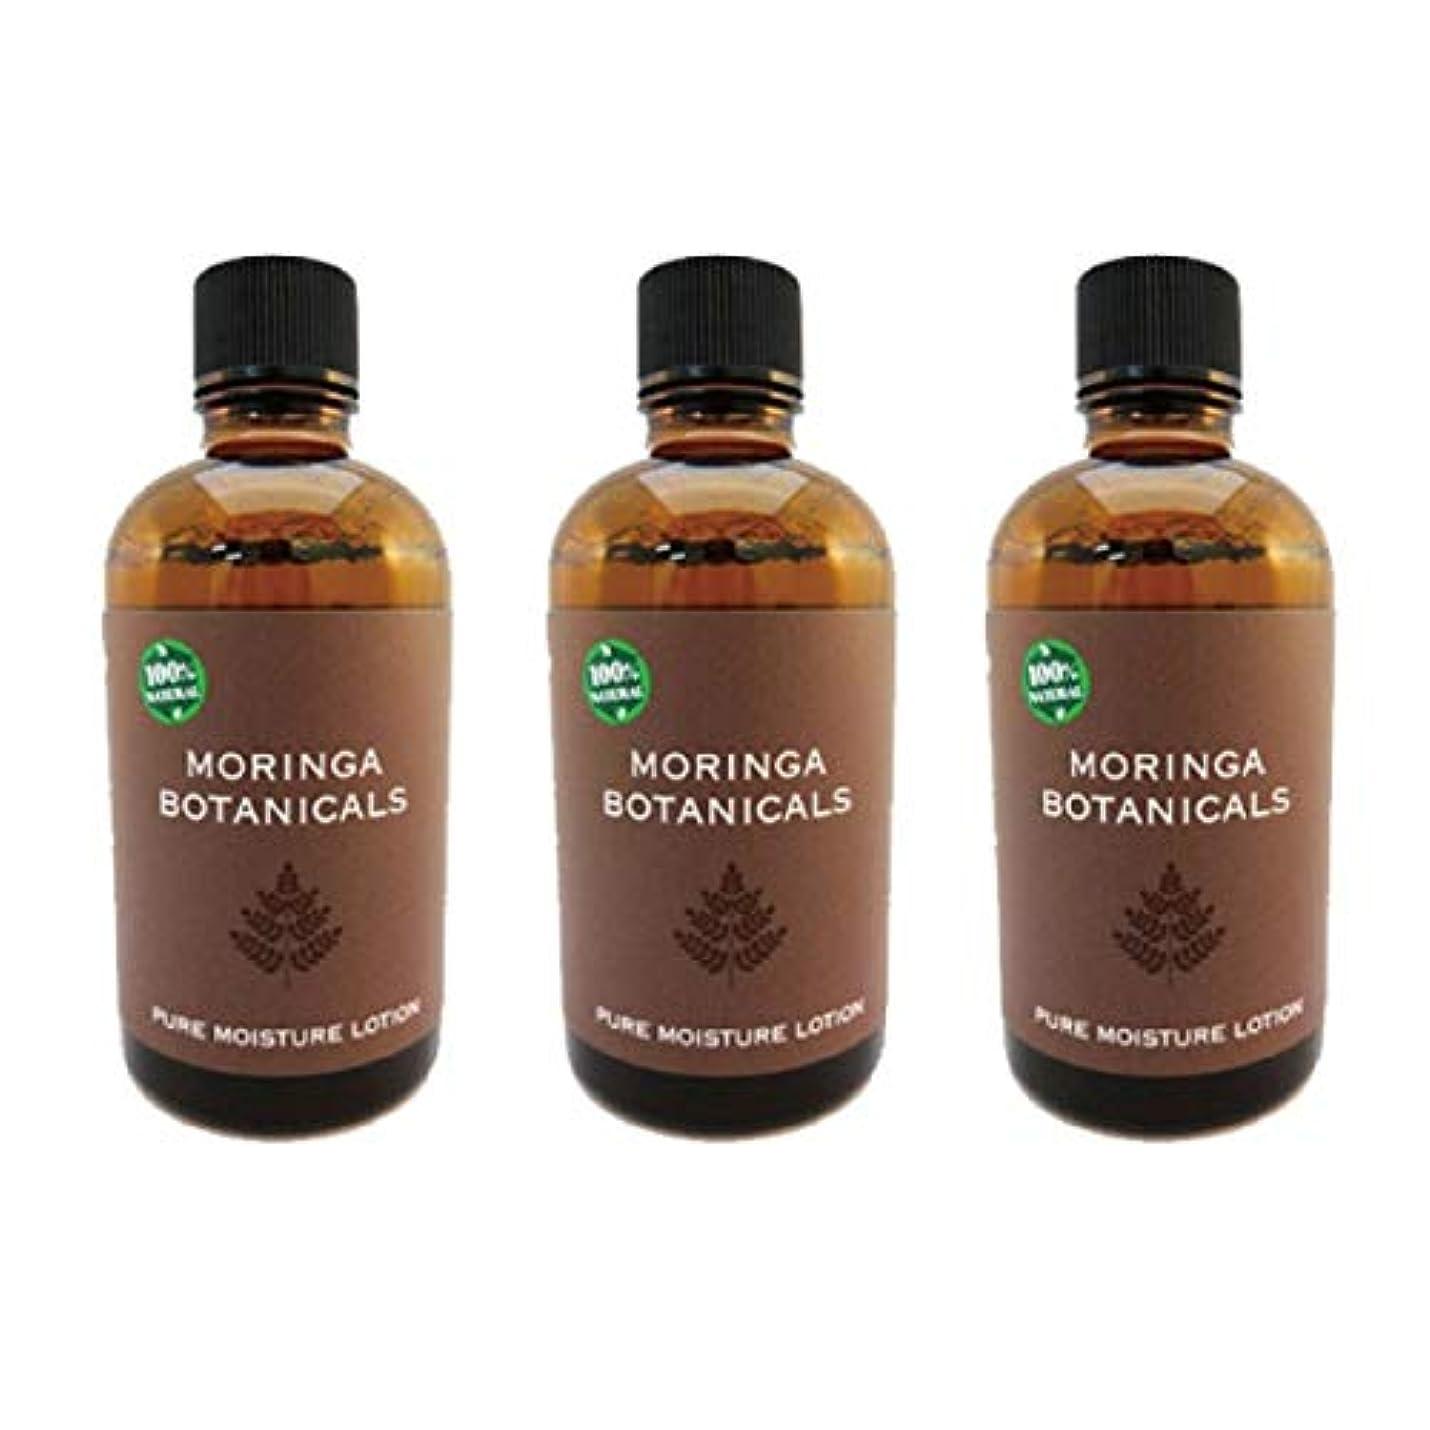 グラディスひそかにクマノミモリンガボタニカルズピュアモイスチャーローション3本セット(100ml×3本) 無添加モリンガハーブ化粧水 自然栽培原料使用